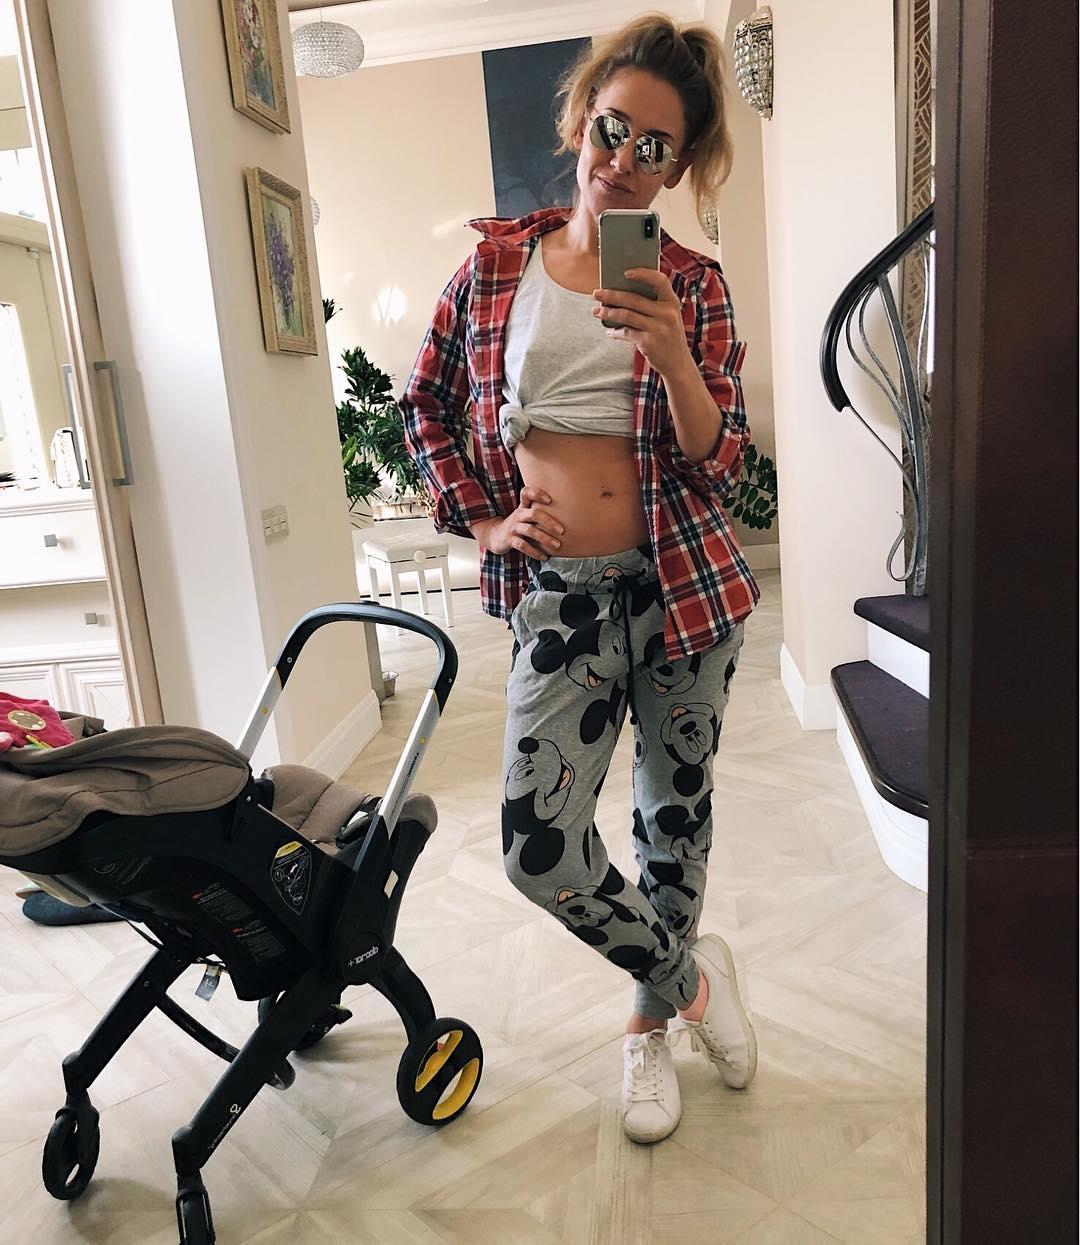 Юлия Ковальчук: Мамская мода она такая... странная  #юлияковальчук #когдамееянеттут #ямама #24часа